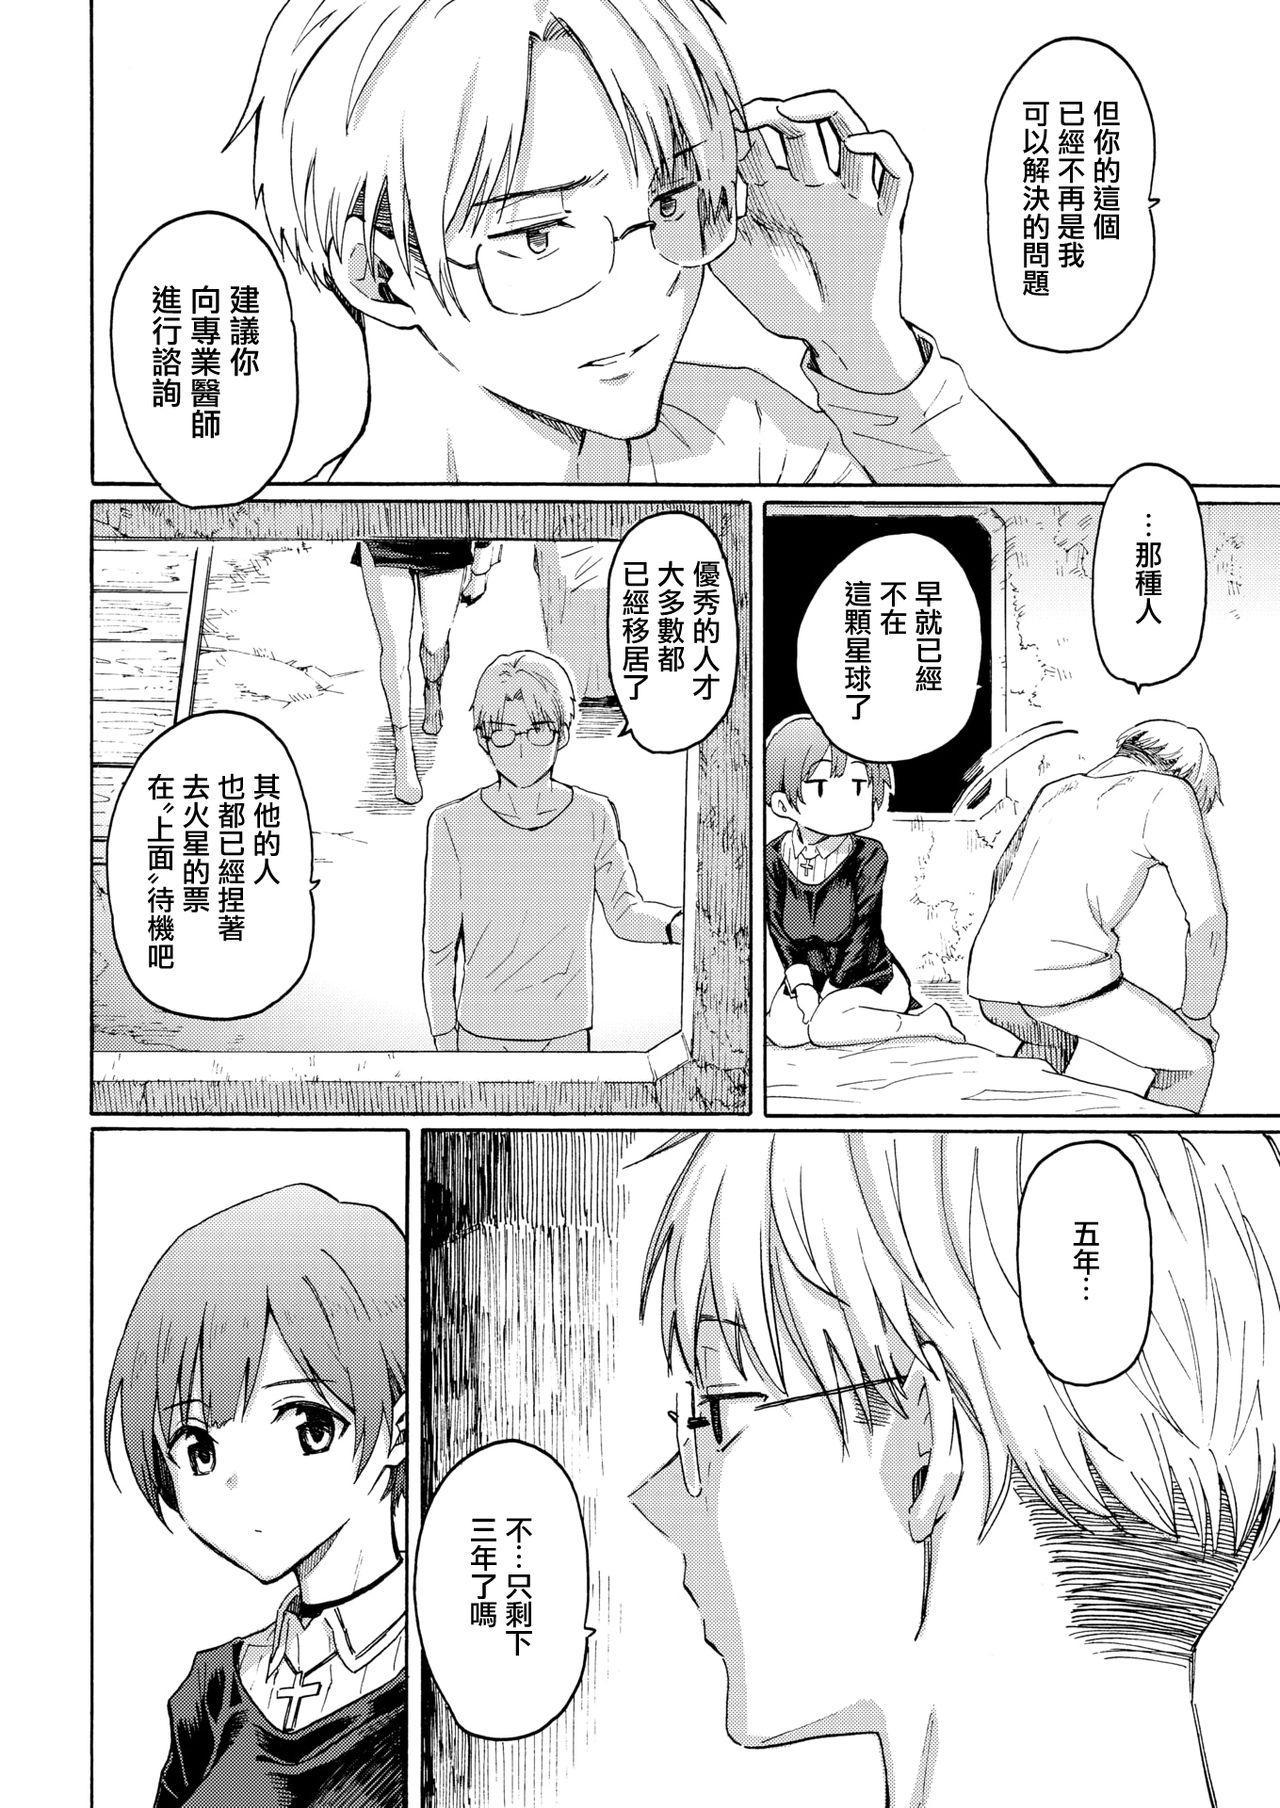 Owari no Denki hitsuji 9